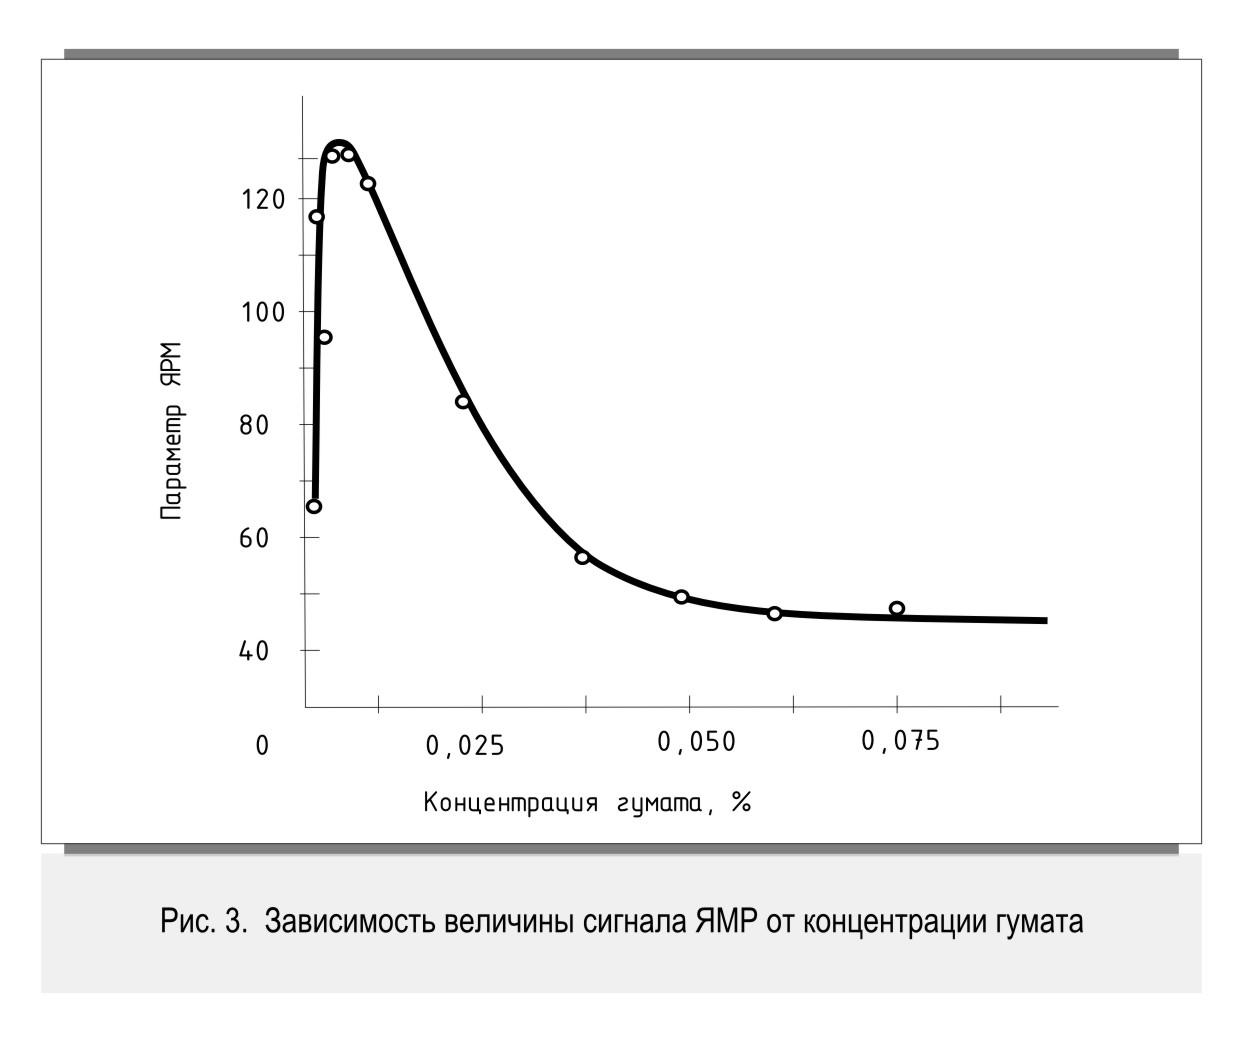 Залежність величини сигналу ЯМР від концентрації гумату